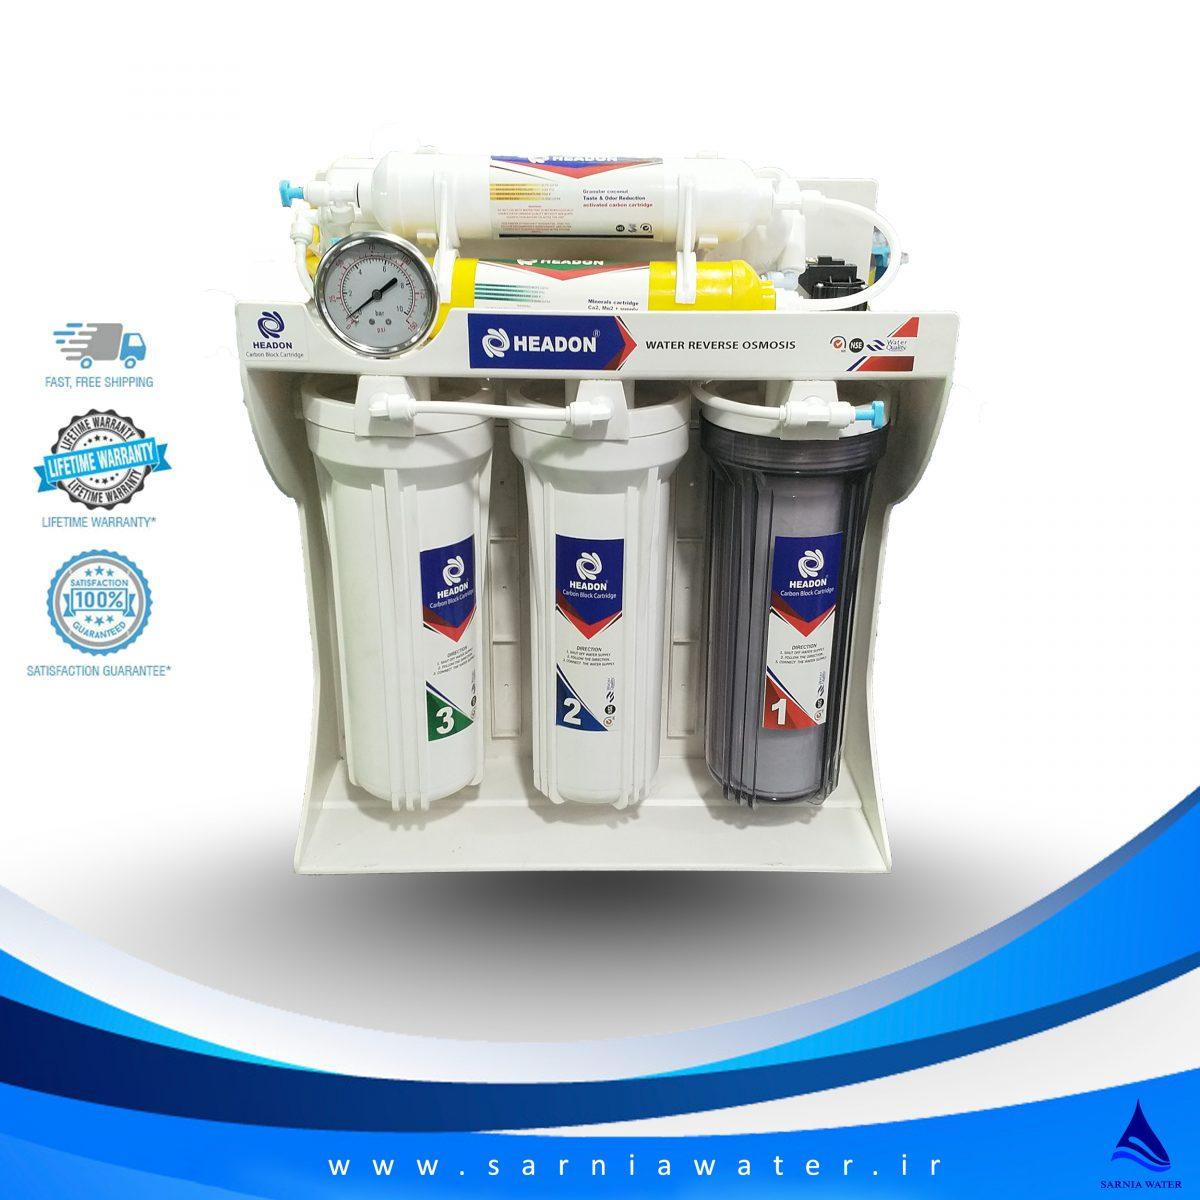 دستگاه تصفیه آب هیدون - دستگاه تصفیه آب - دستگاه تصفیه آب خانگی